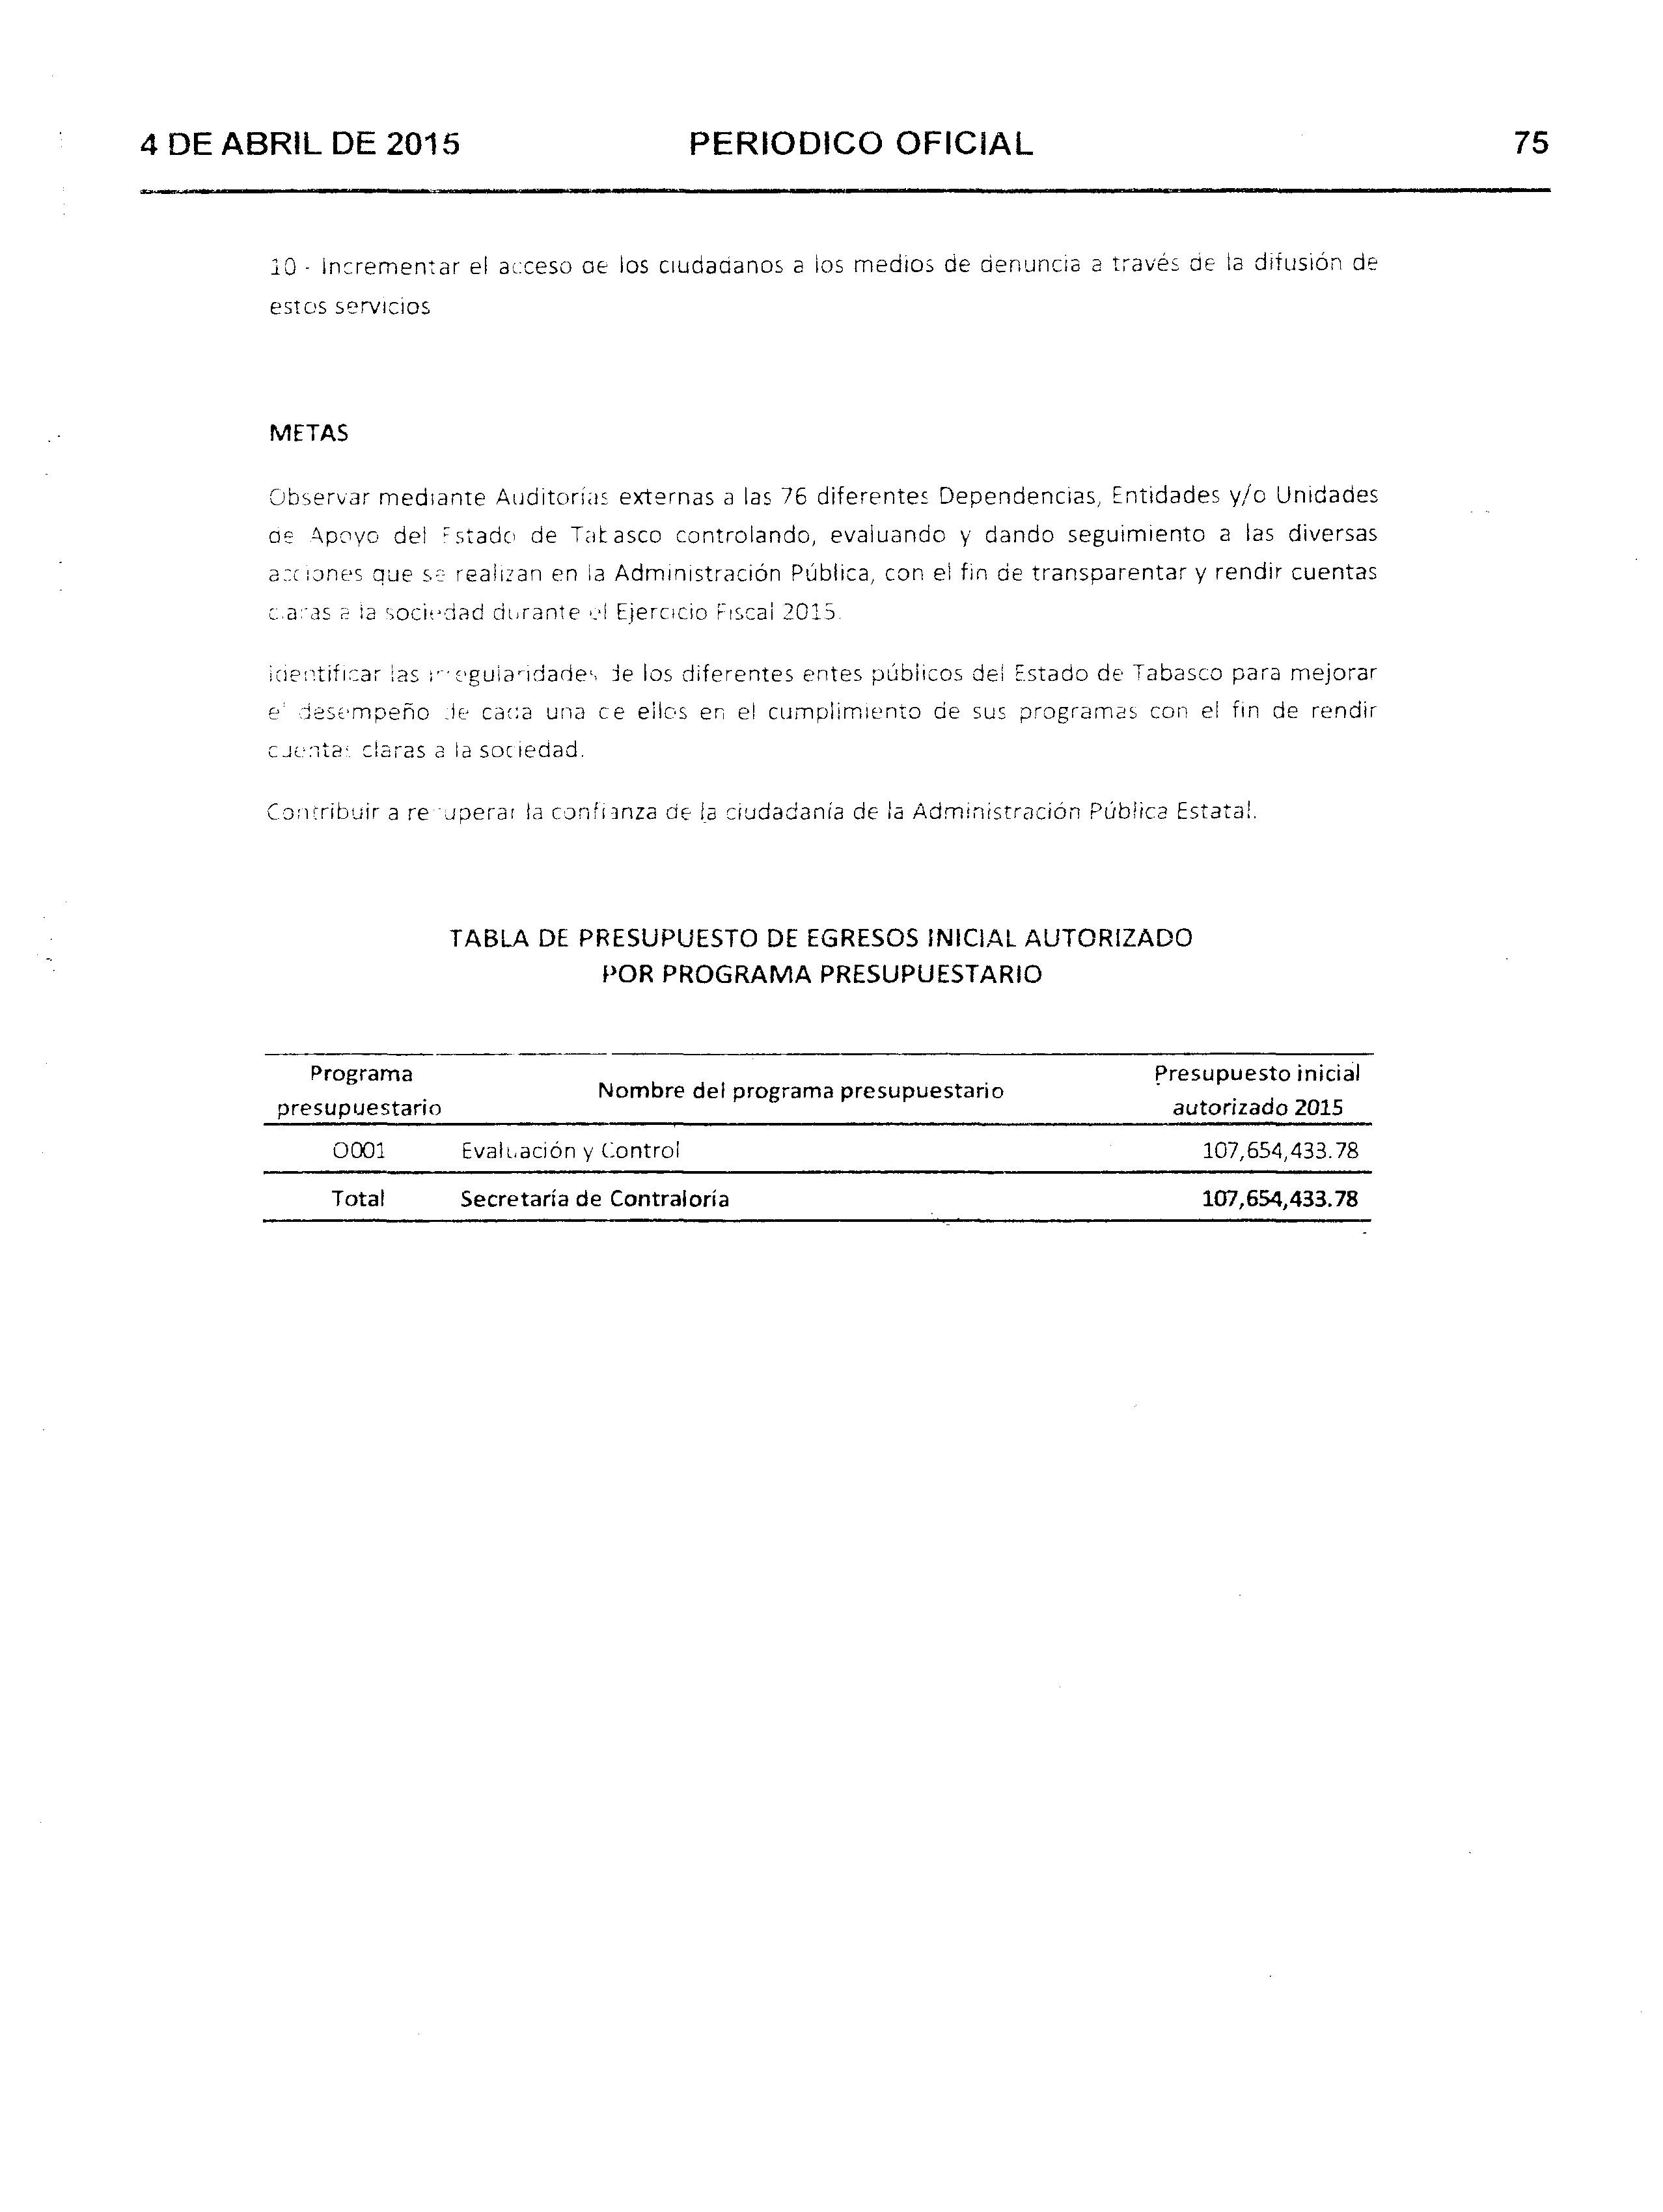 Imprimir Calendario Hoy No Circula Más Recientes Periodico Oncui A N U A L organo De Difusion Oficial Del Gobierno